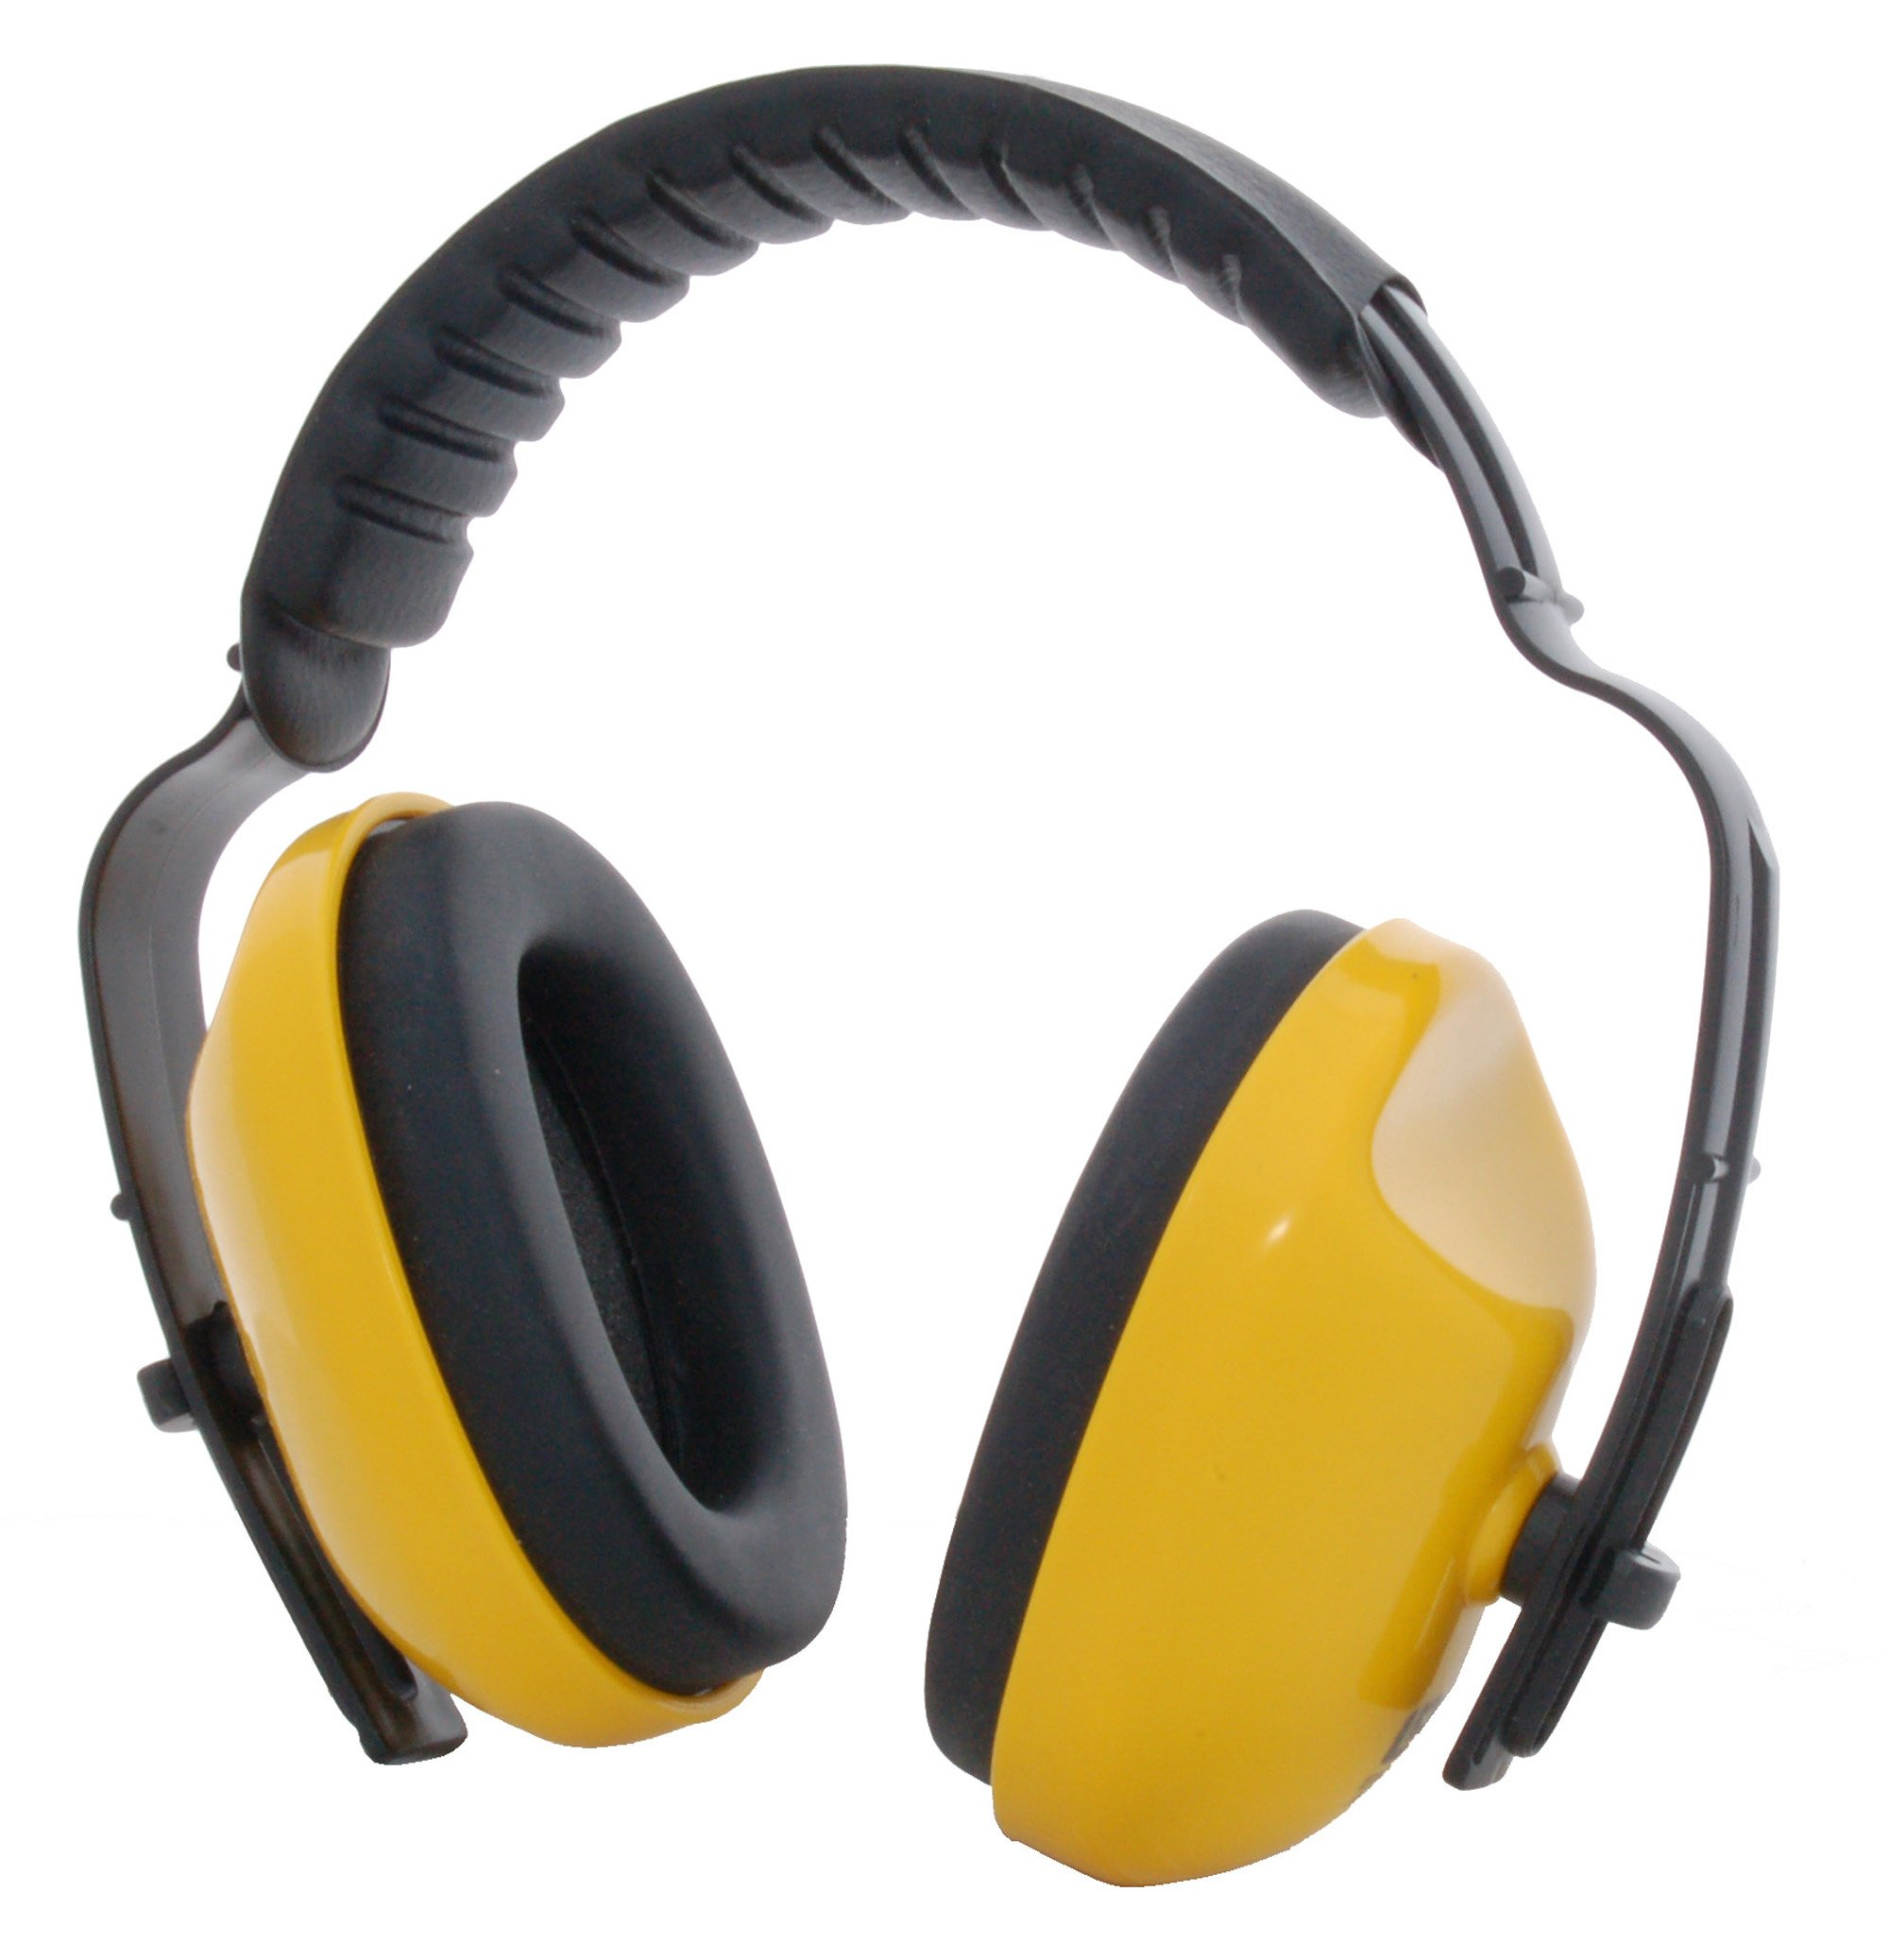 Zenport EM106 Adjustable Headband Ear Muffs, Yellow/Black